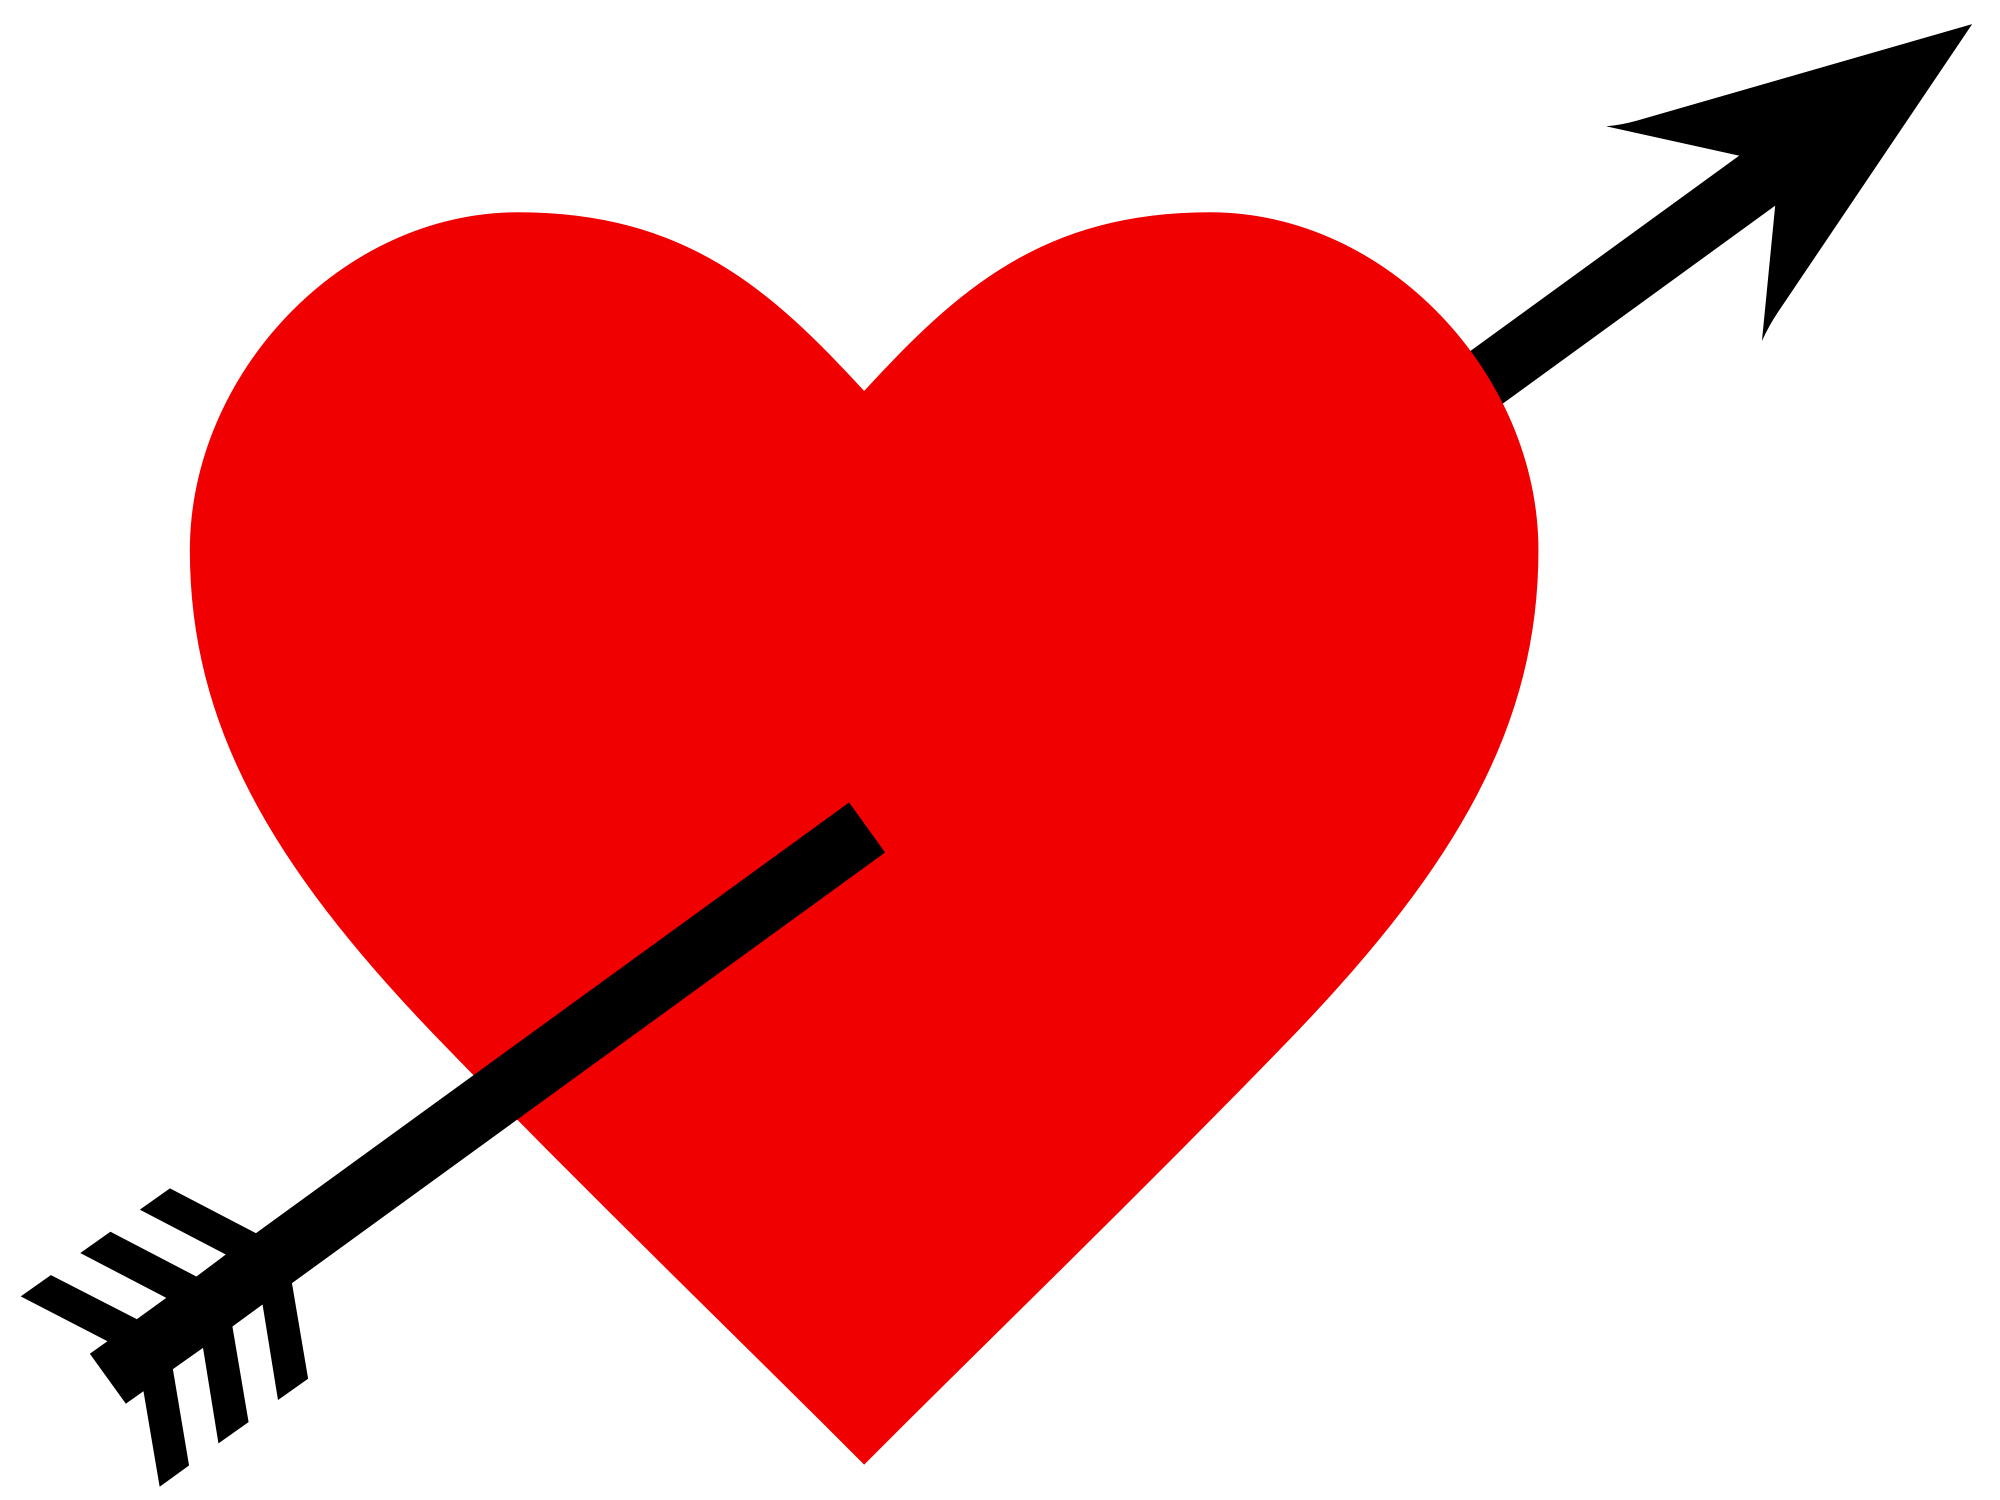 Heart jokingart com arrow. Hearts clipart volleyball